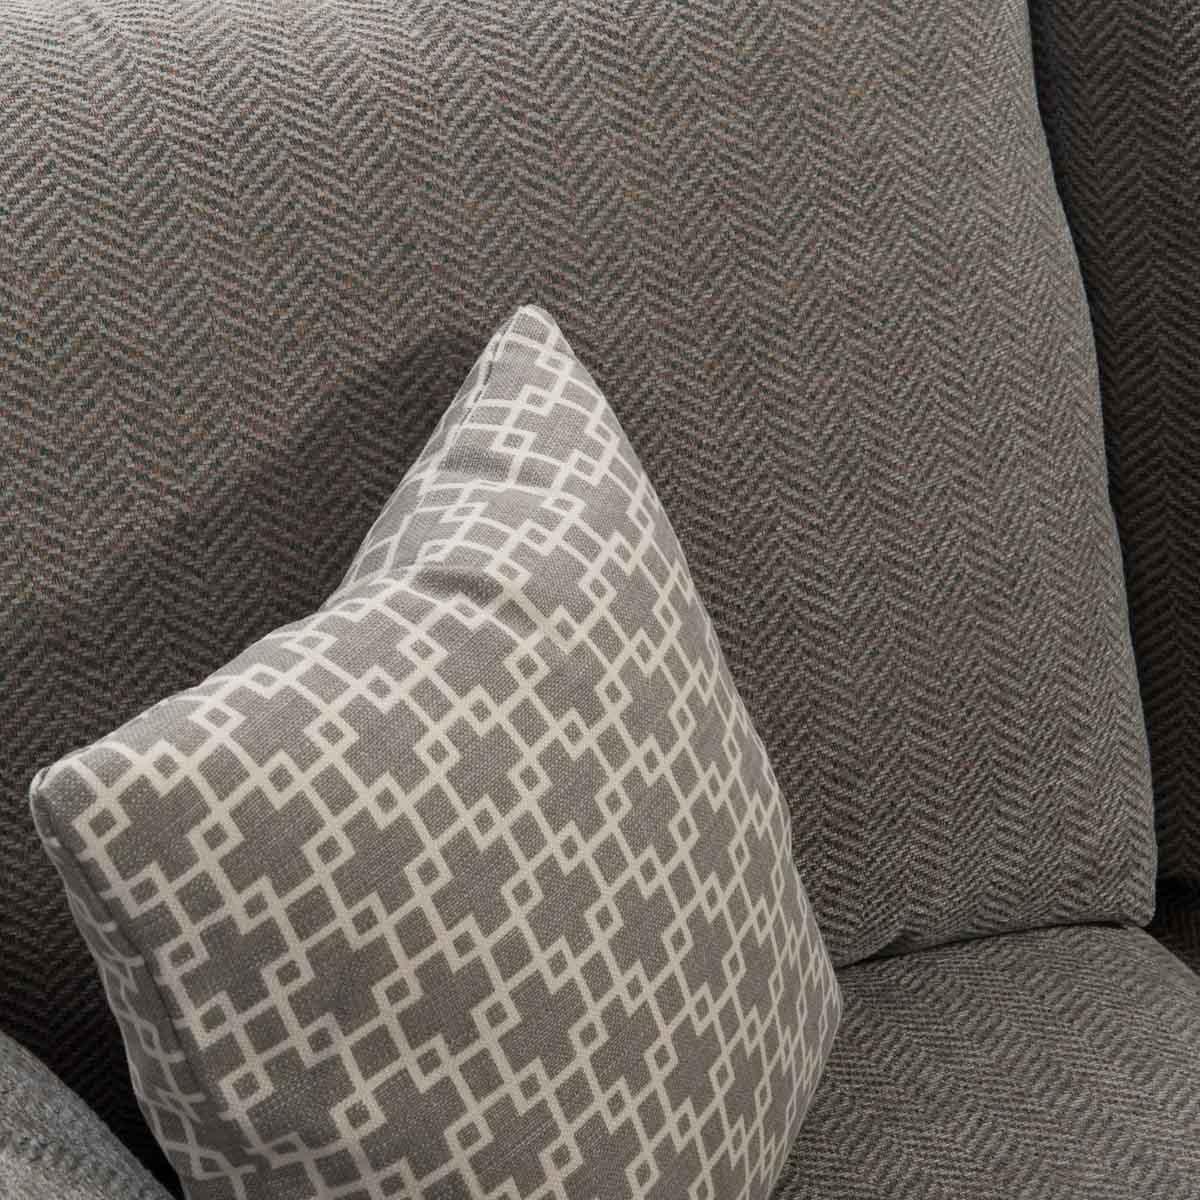 Strathclyde Small Sofa